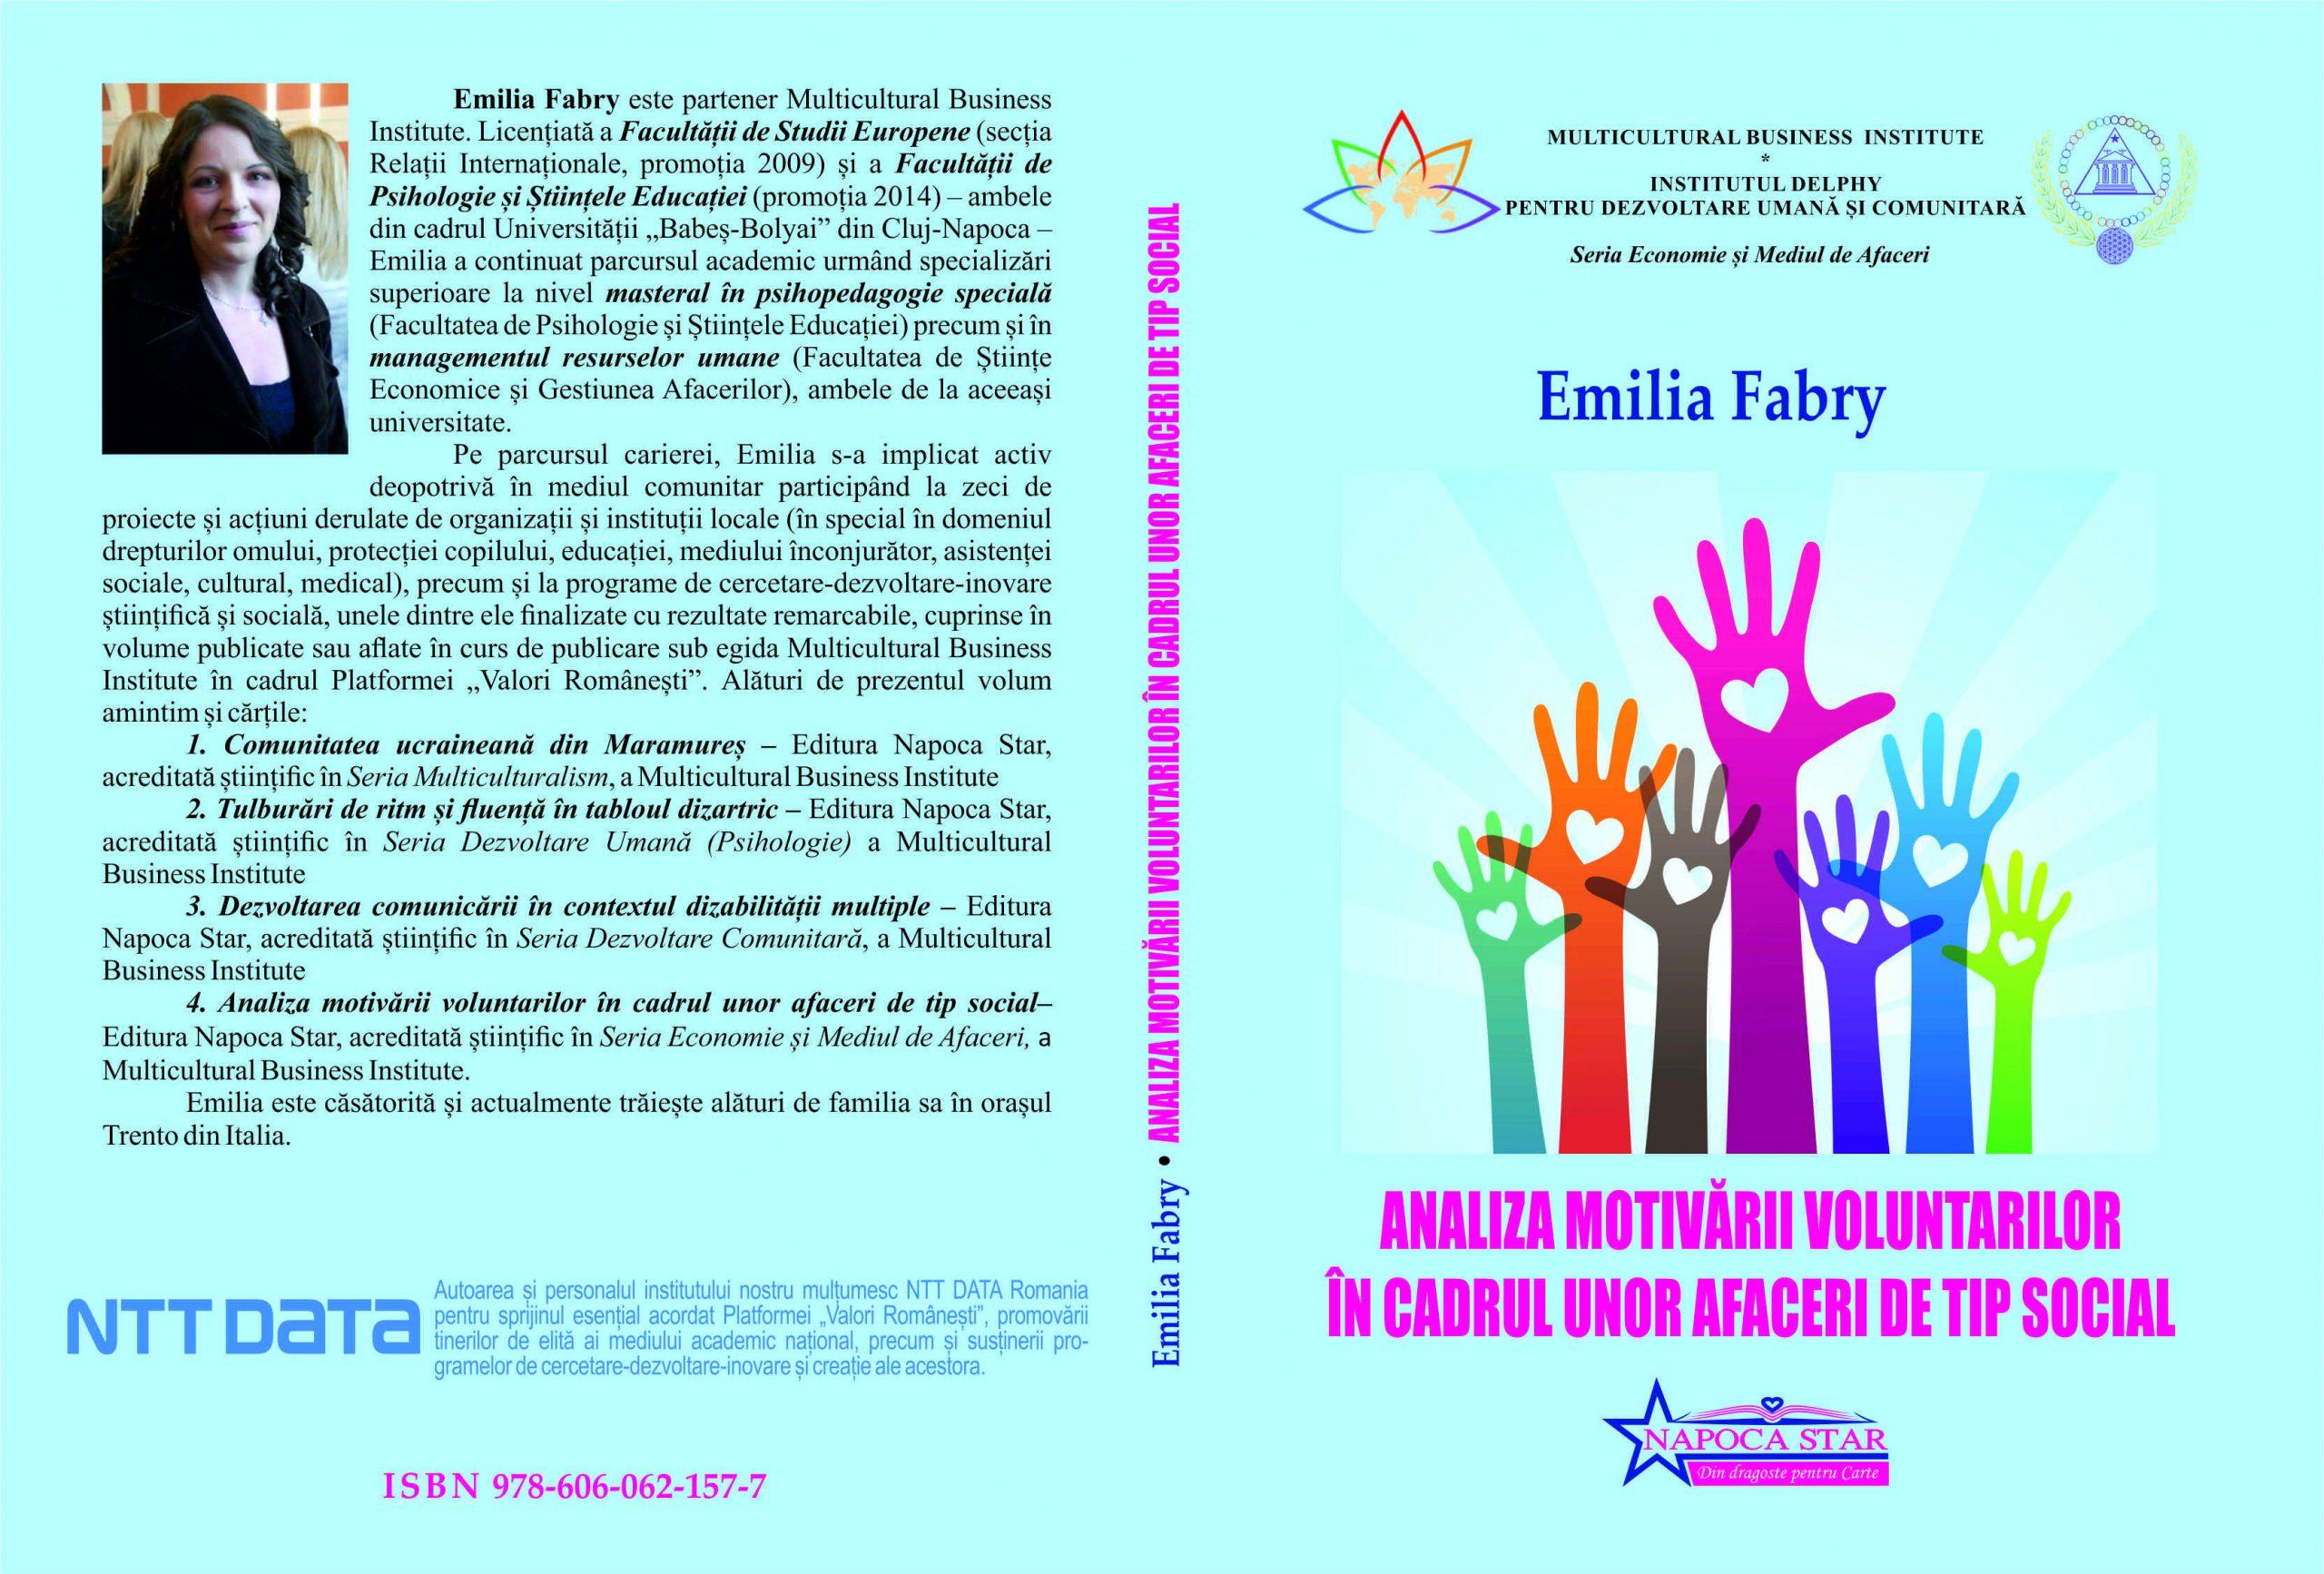 Analiza motivăii voluntarilor - Emilia Fabry